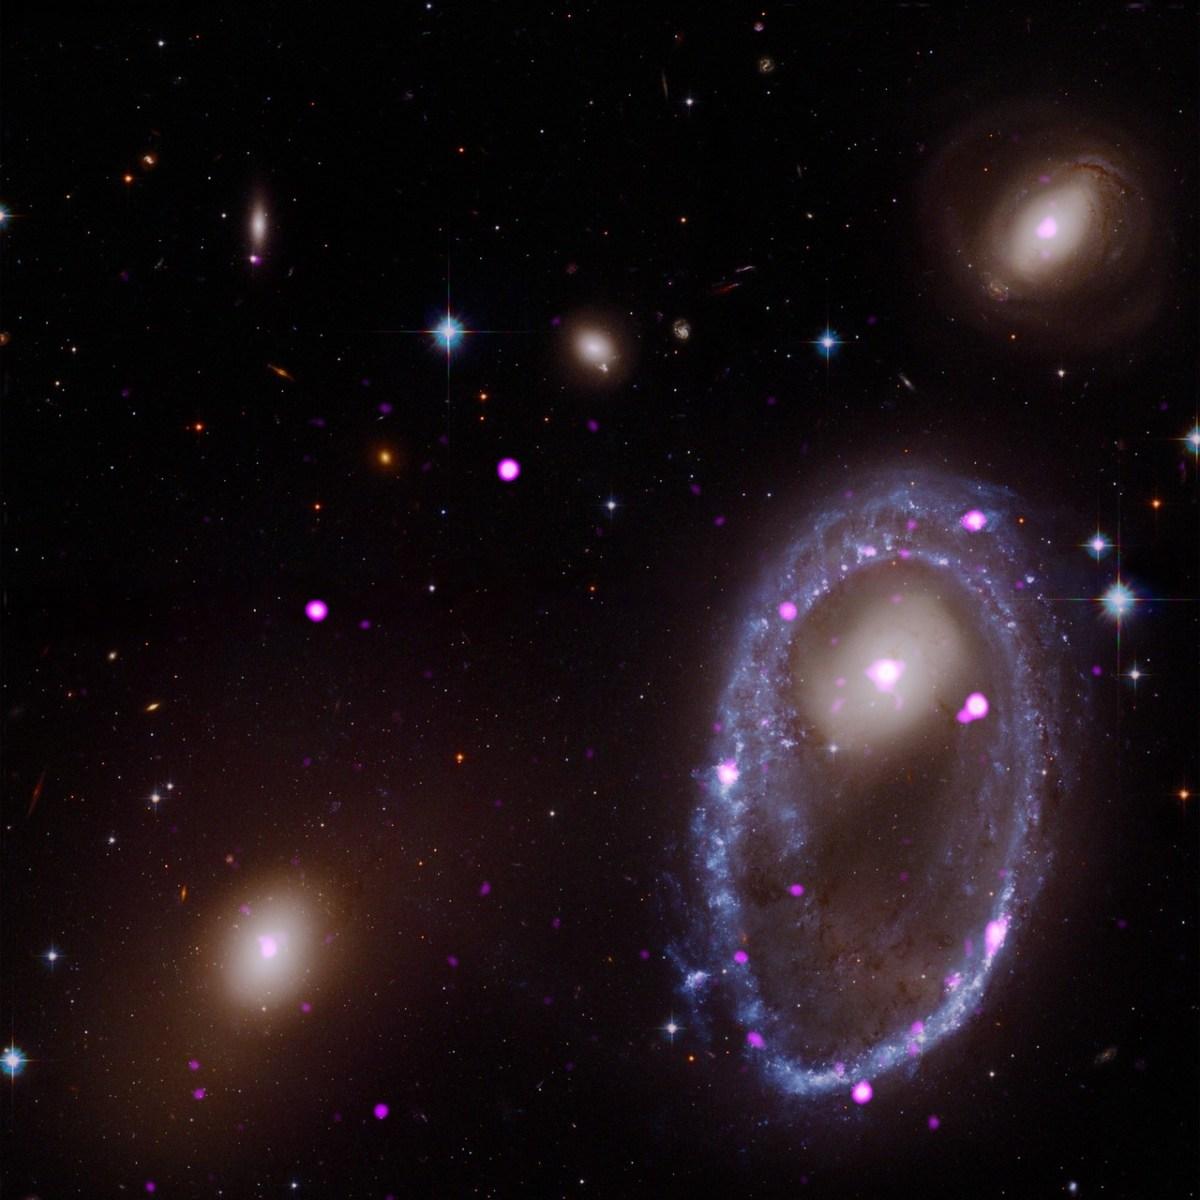 O Senhor dos Anéis: As Duas Galáxias